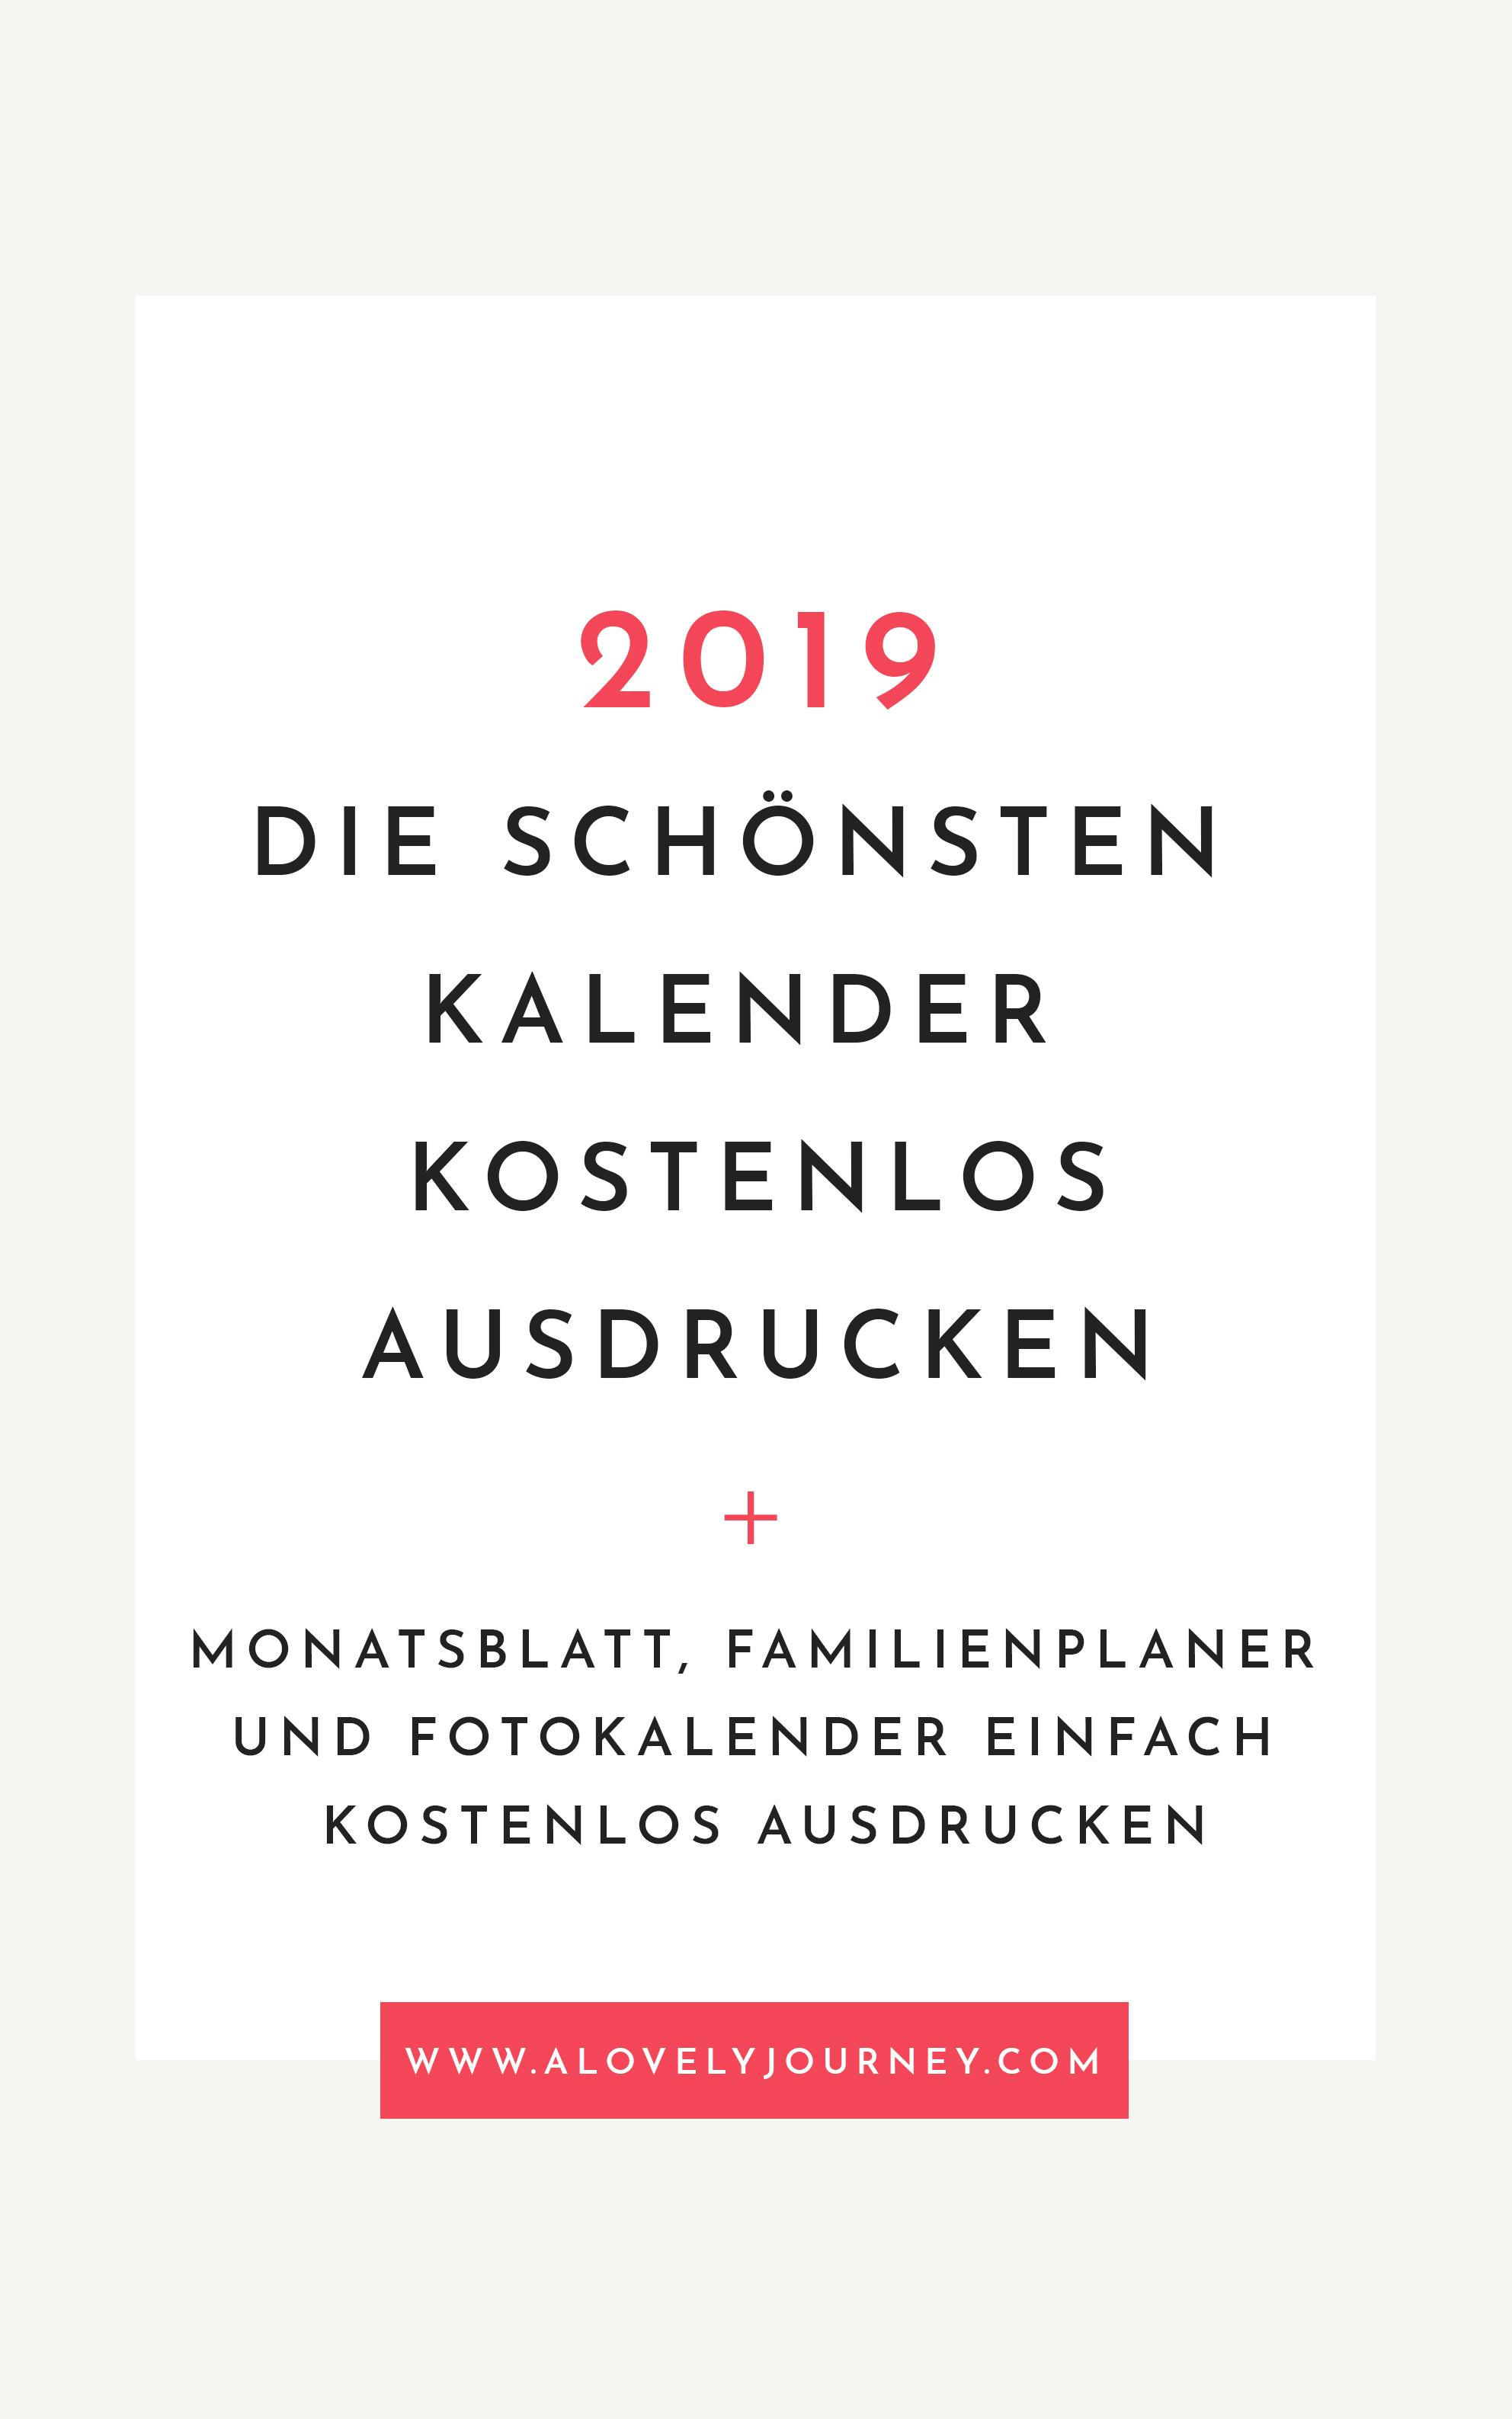 Organisiert: Die schönsten Kalender 2019 kostenlos ausducken